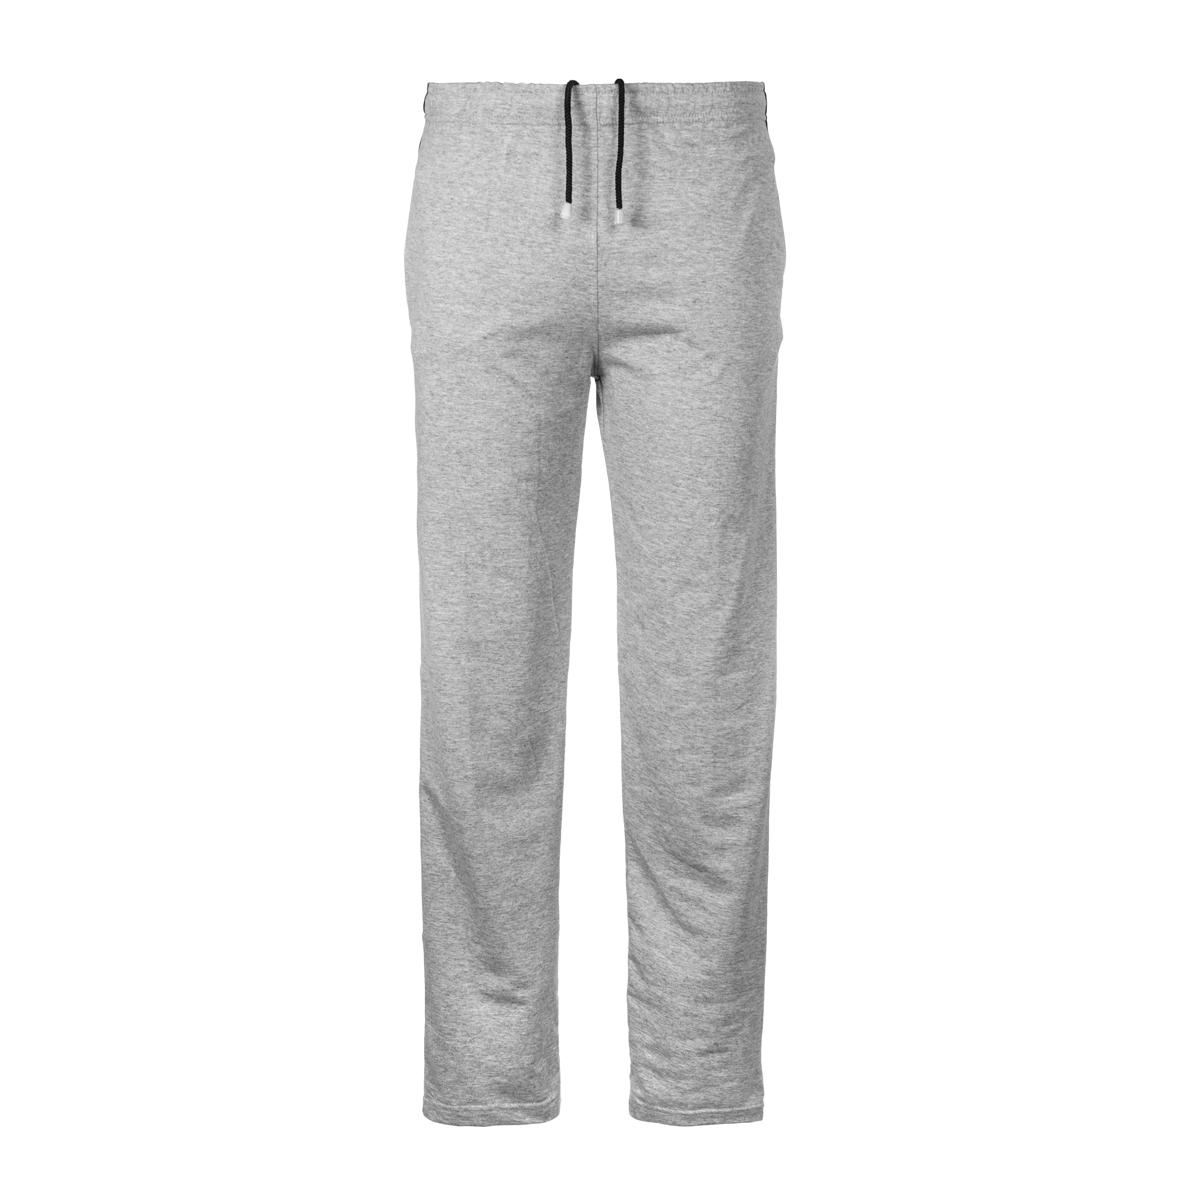 Муж. брюки арт. 04-0066 Серый р. 56 - Мужская одежда артикул: 26400